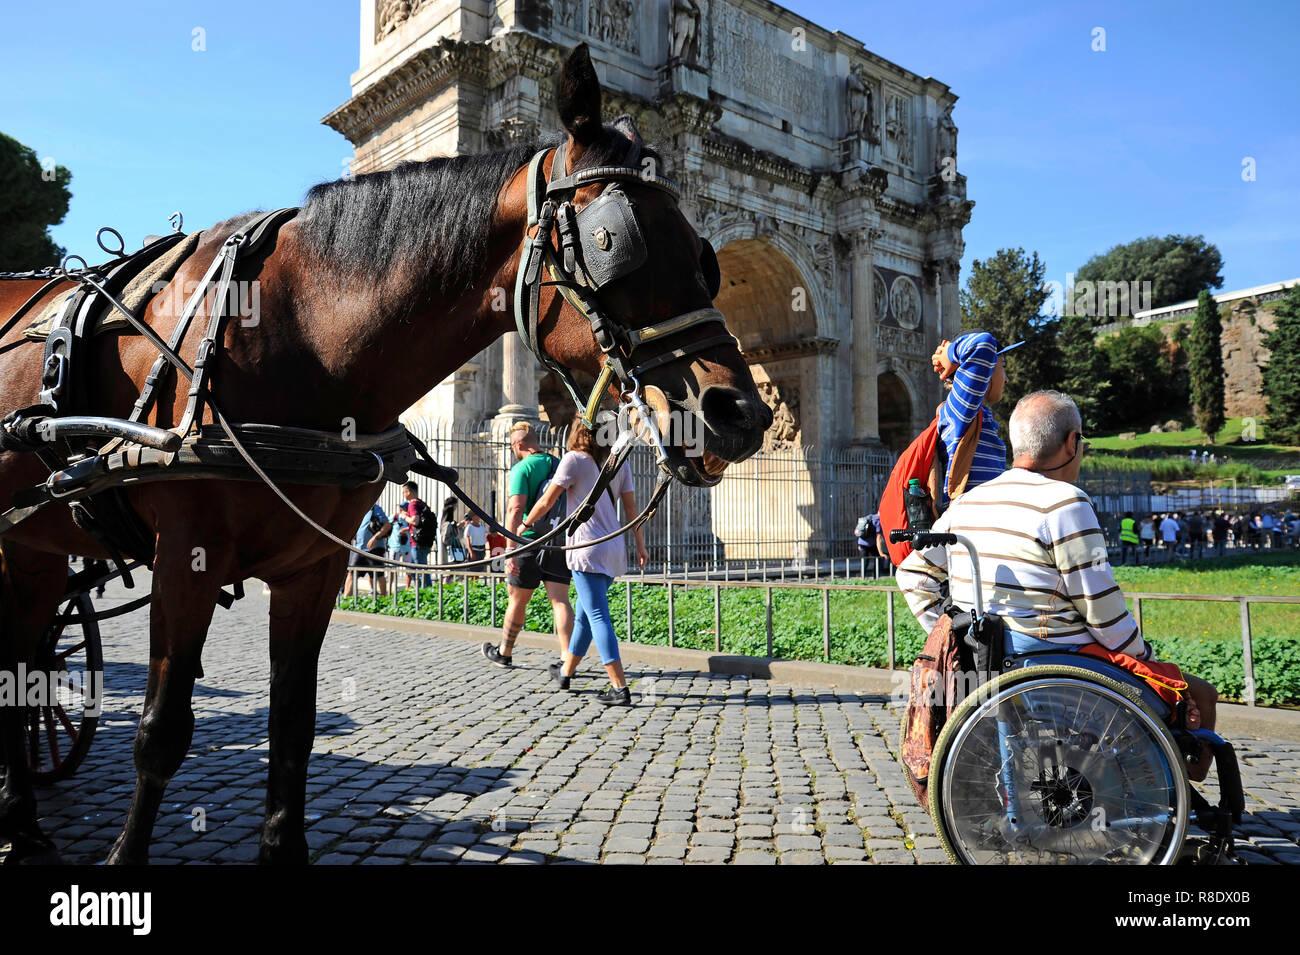 Sedie A Rotelle Roma : Roma italia ottobre 09 2018: un uomo in sedia a rotelle all